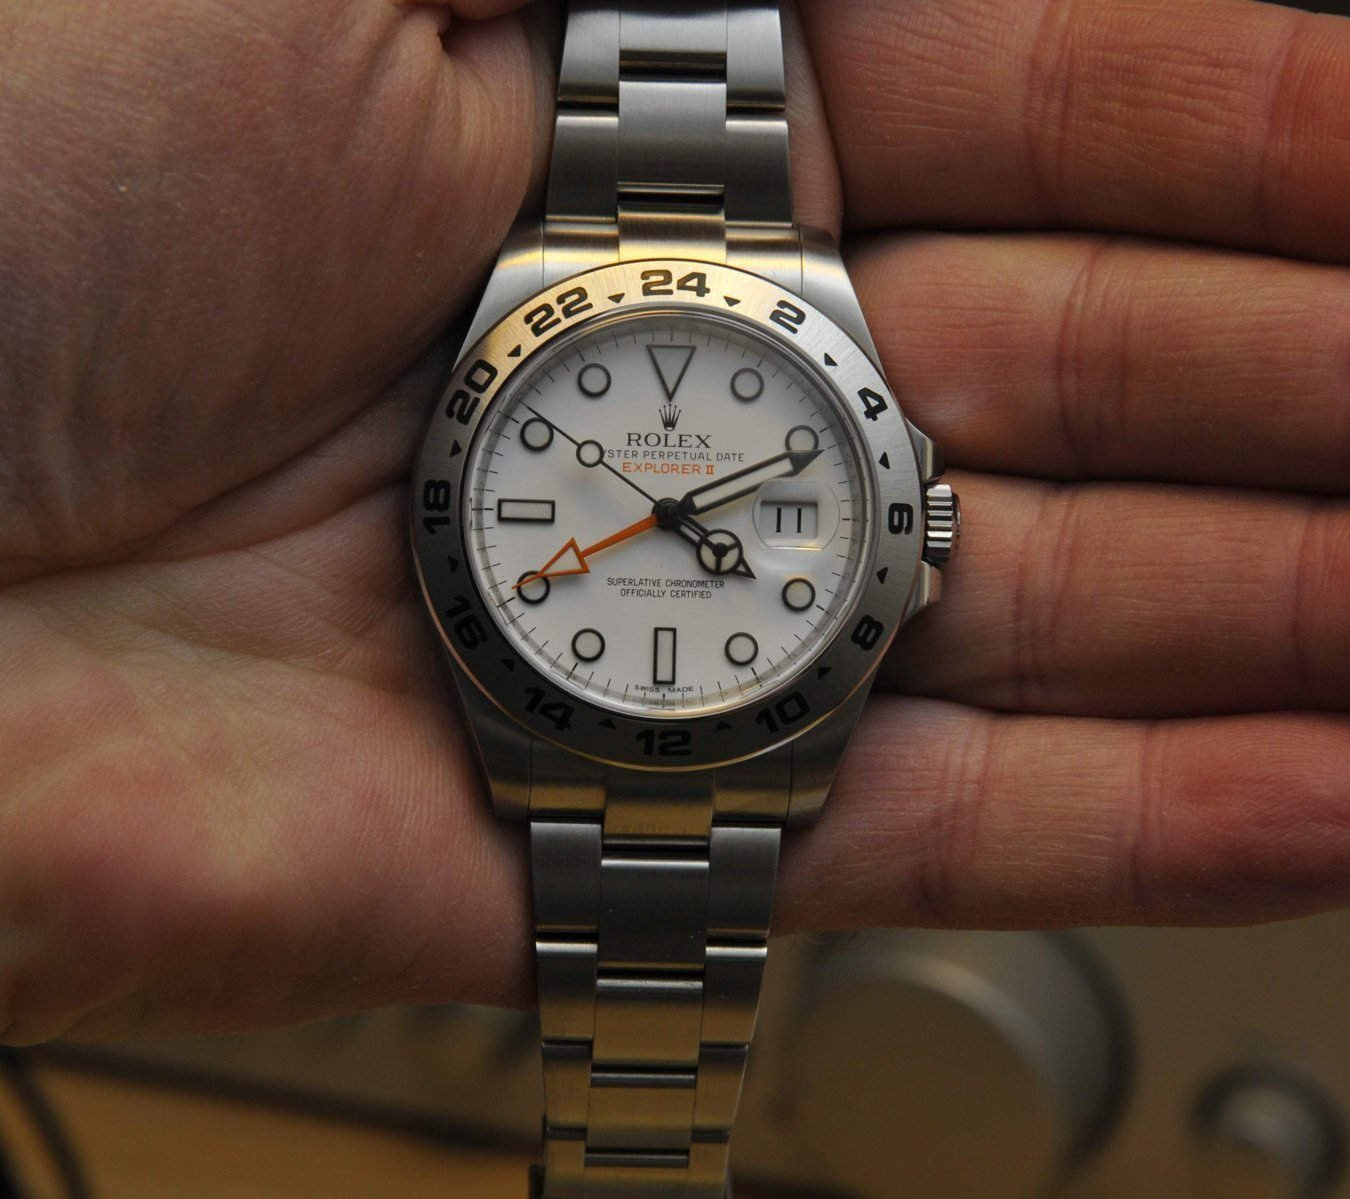 Rolex E 2015-01-11 (i hand).jpg